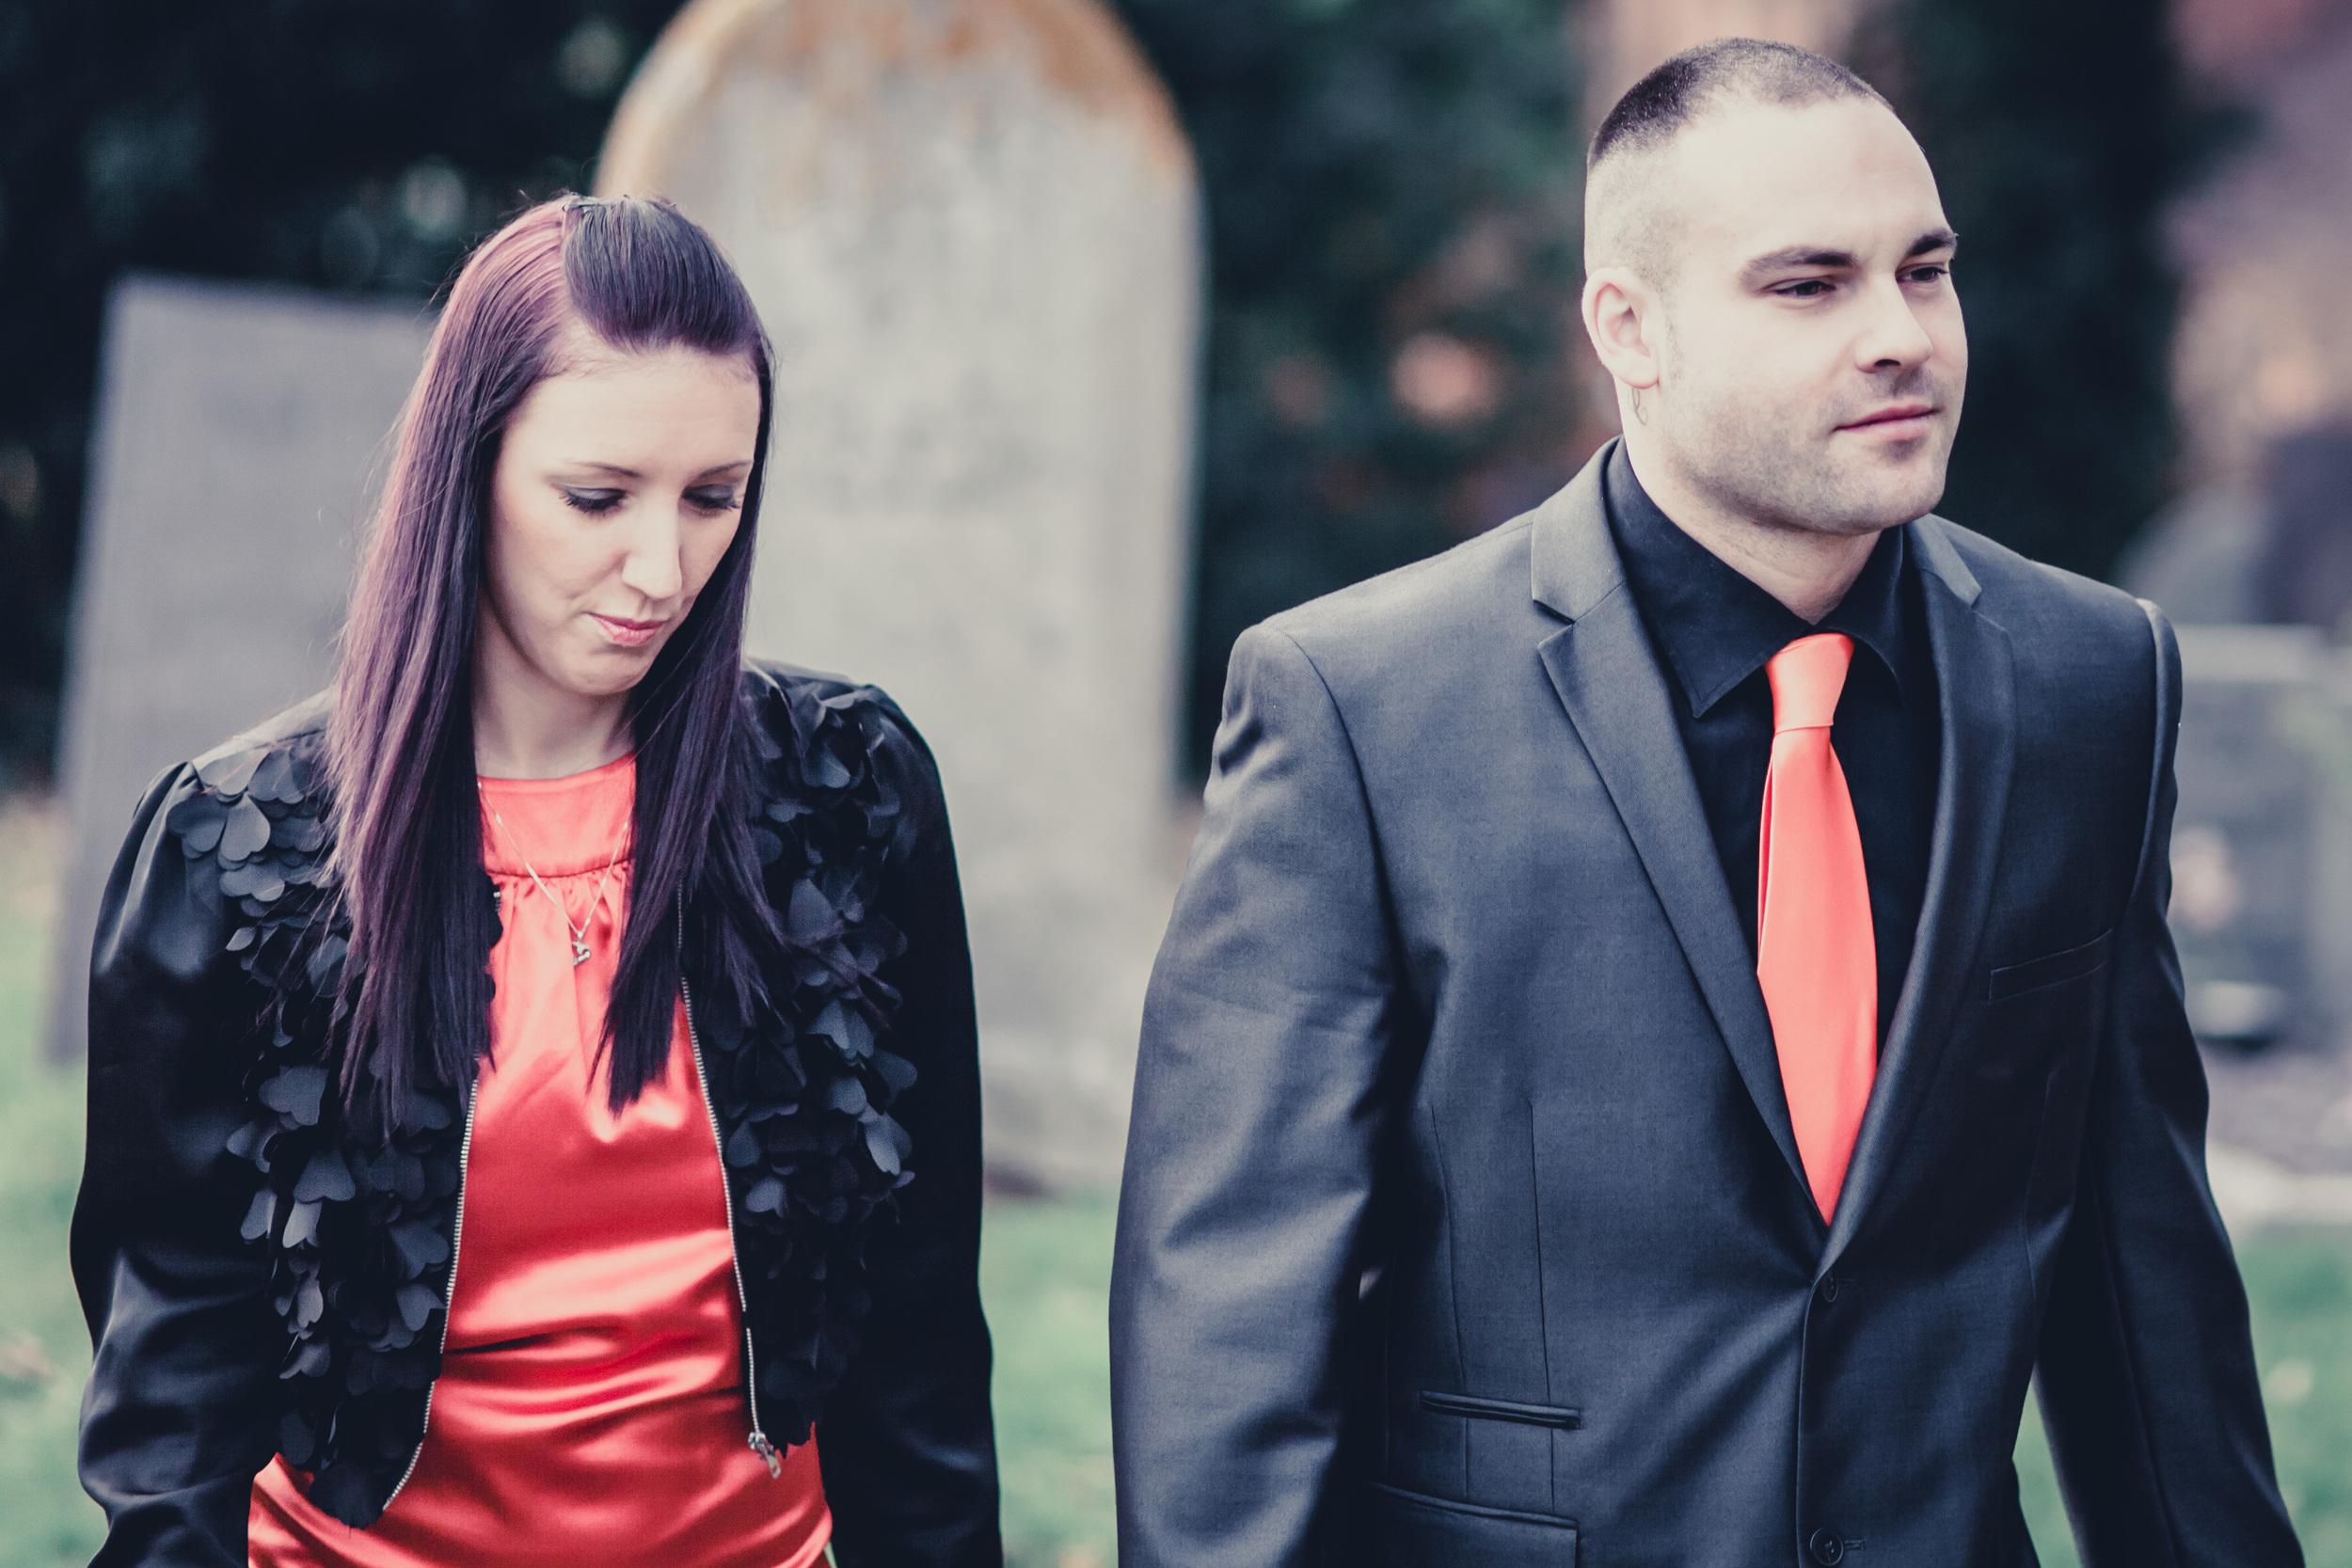 049 - Angela and Karls Wedding by www.markpugh.com -5806.jpg